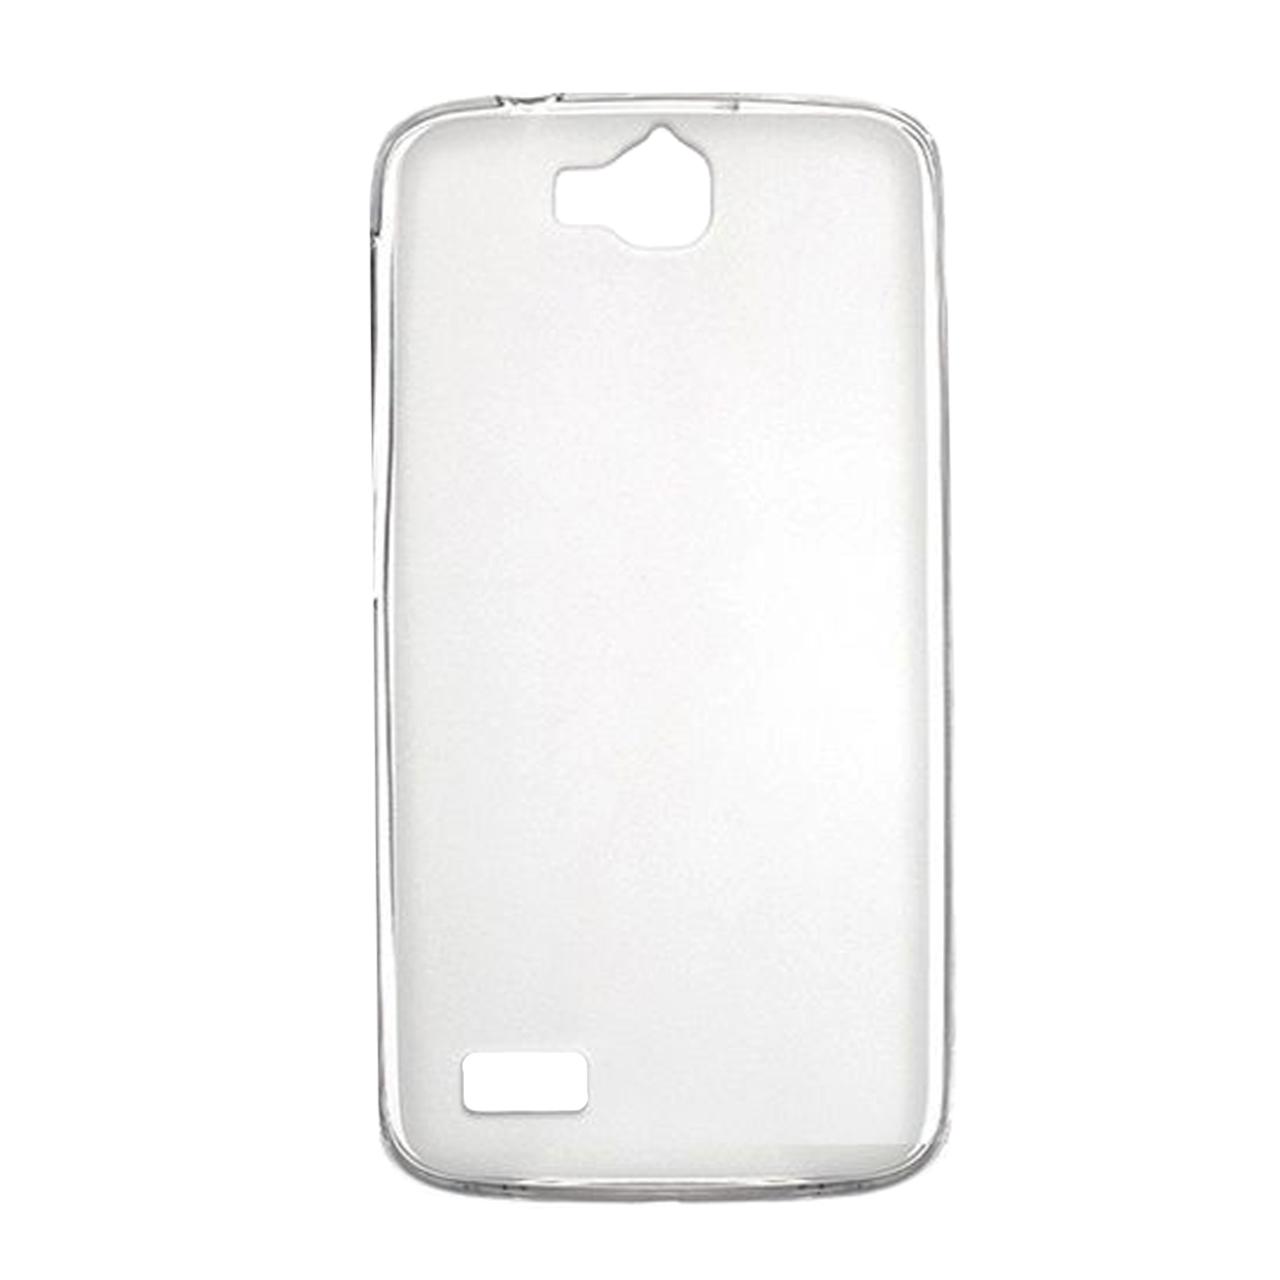 کاور مدل Cl-02 مناسب برای گوشی موبایل آنر 3C lite